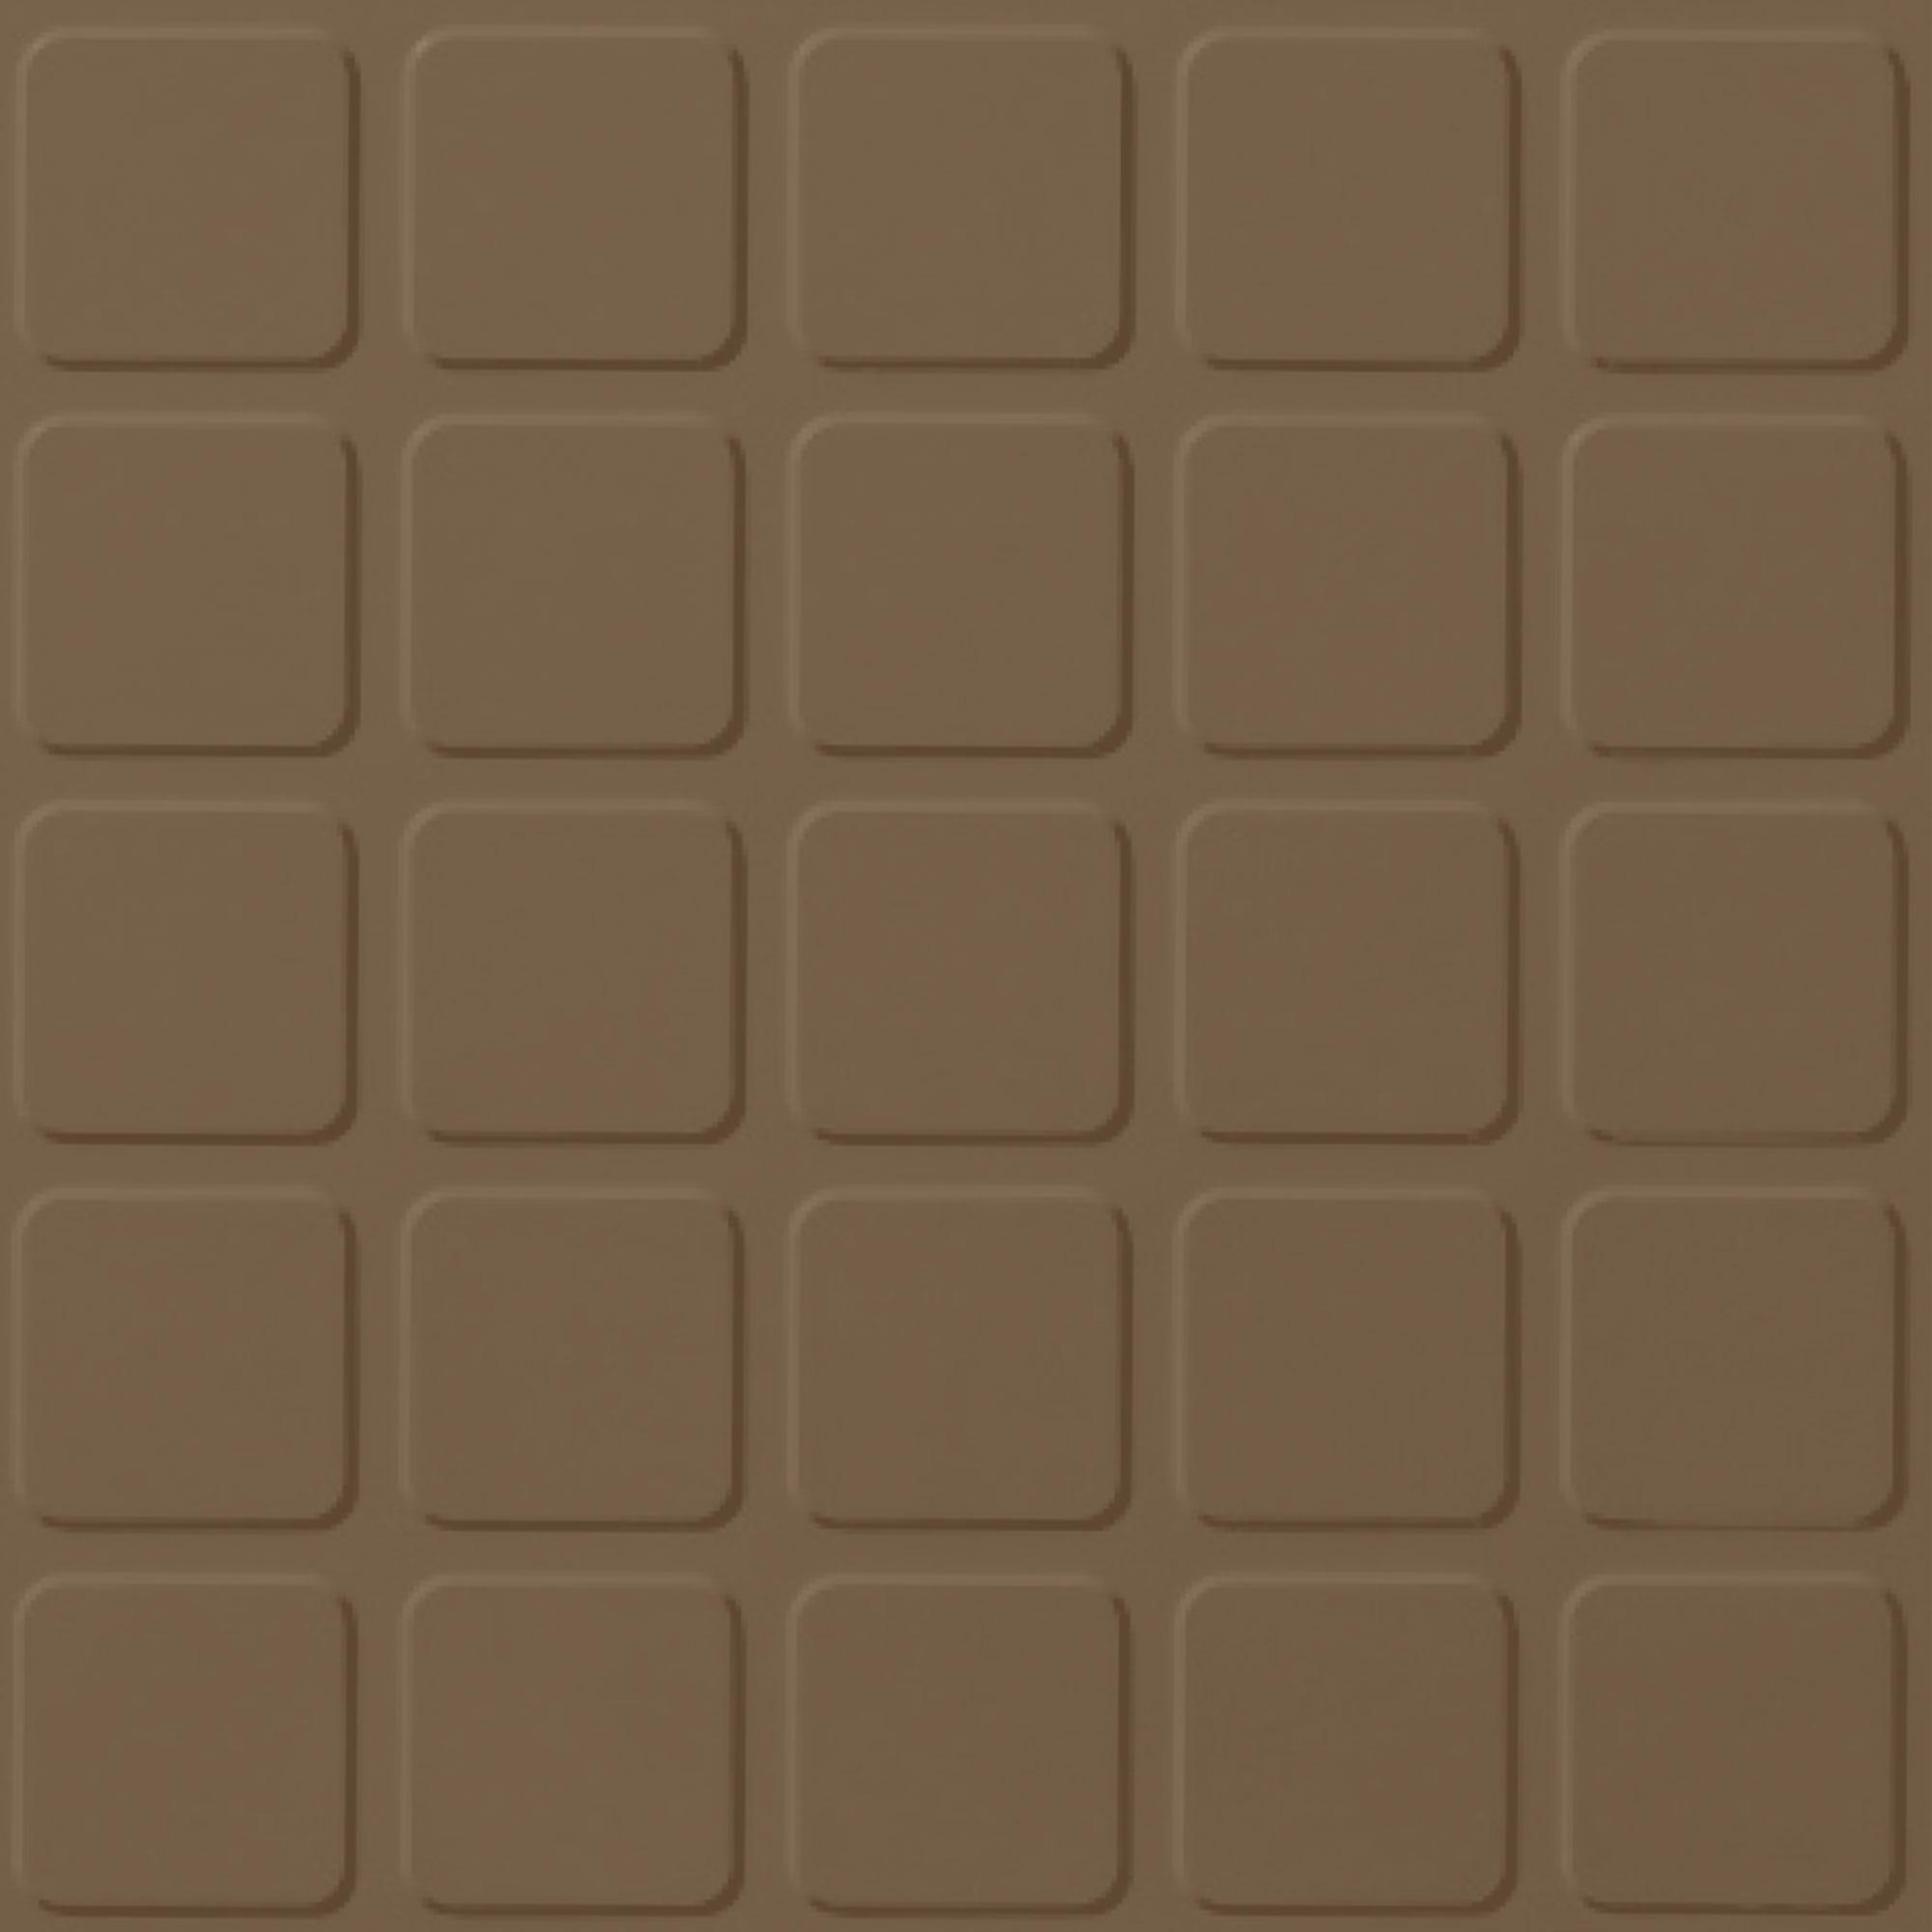 Roppe Rubber Tile 900 - Raised Square Design (994) Chameleon Rubber Flooring